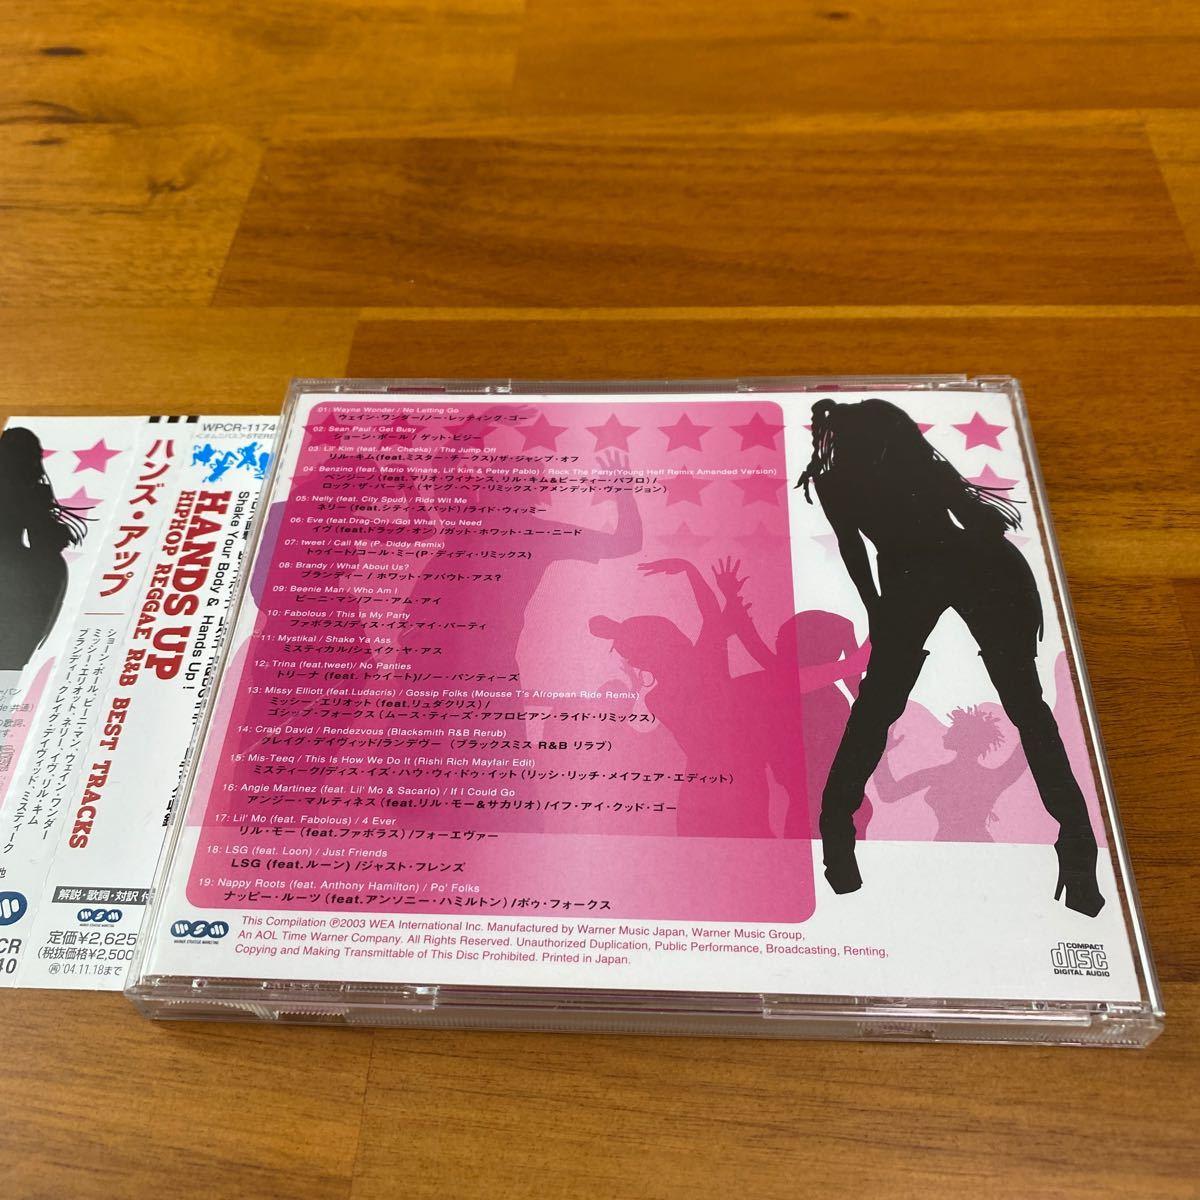 オムニバス/ハンズ・アップ〜HIPHOP RAGGAE R&B BEST TRACKS